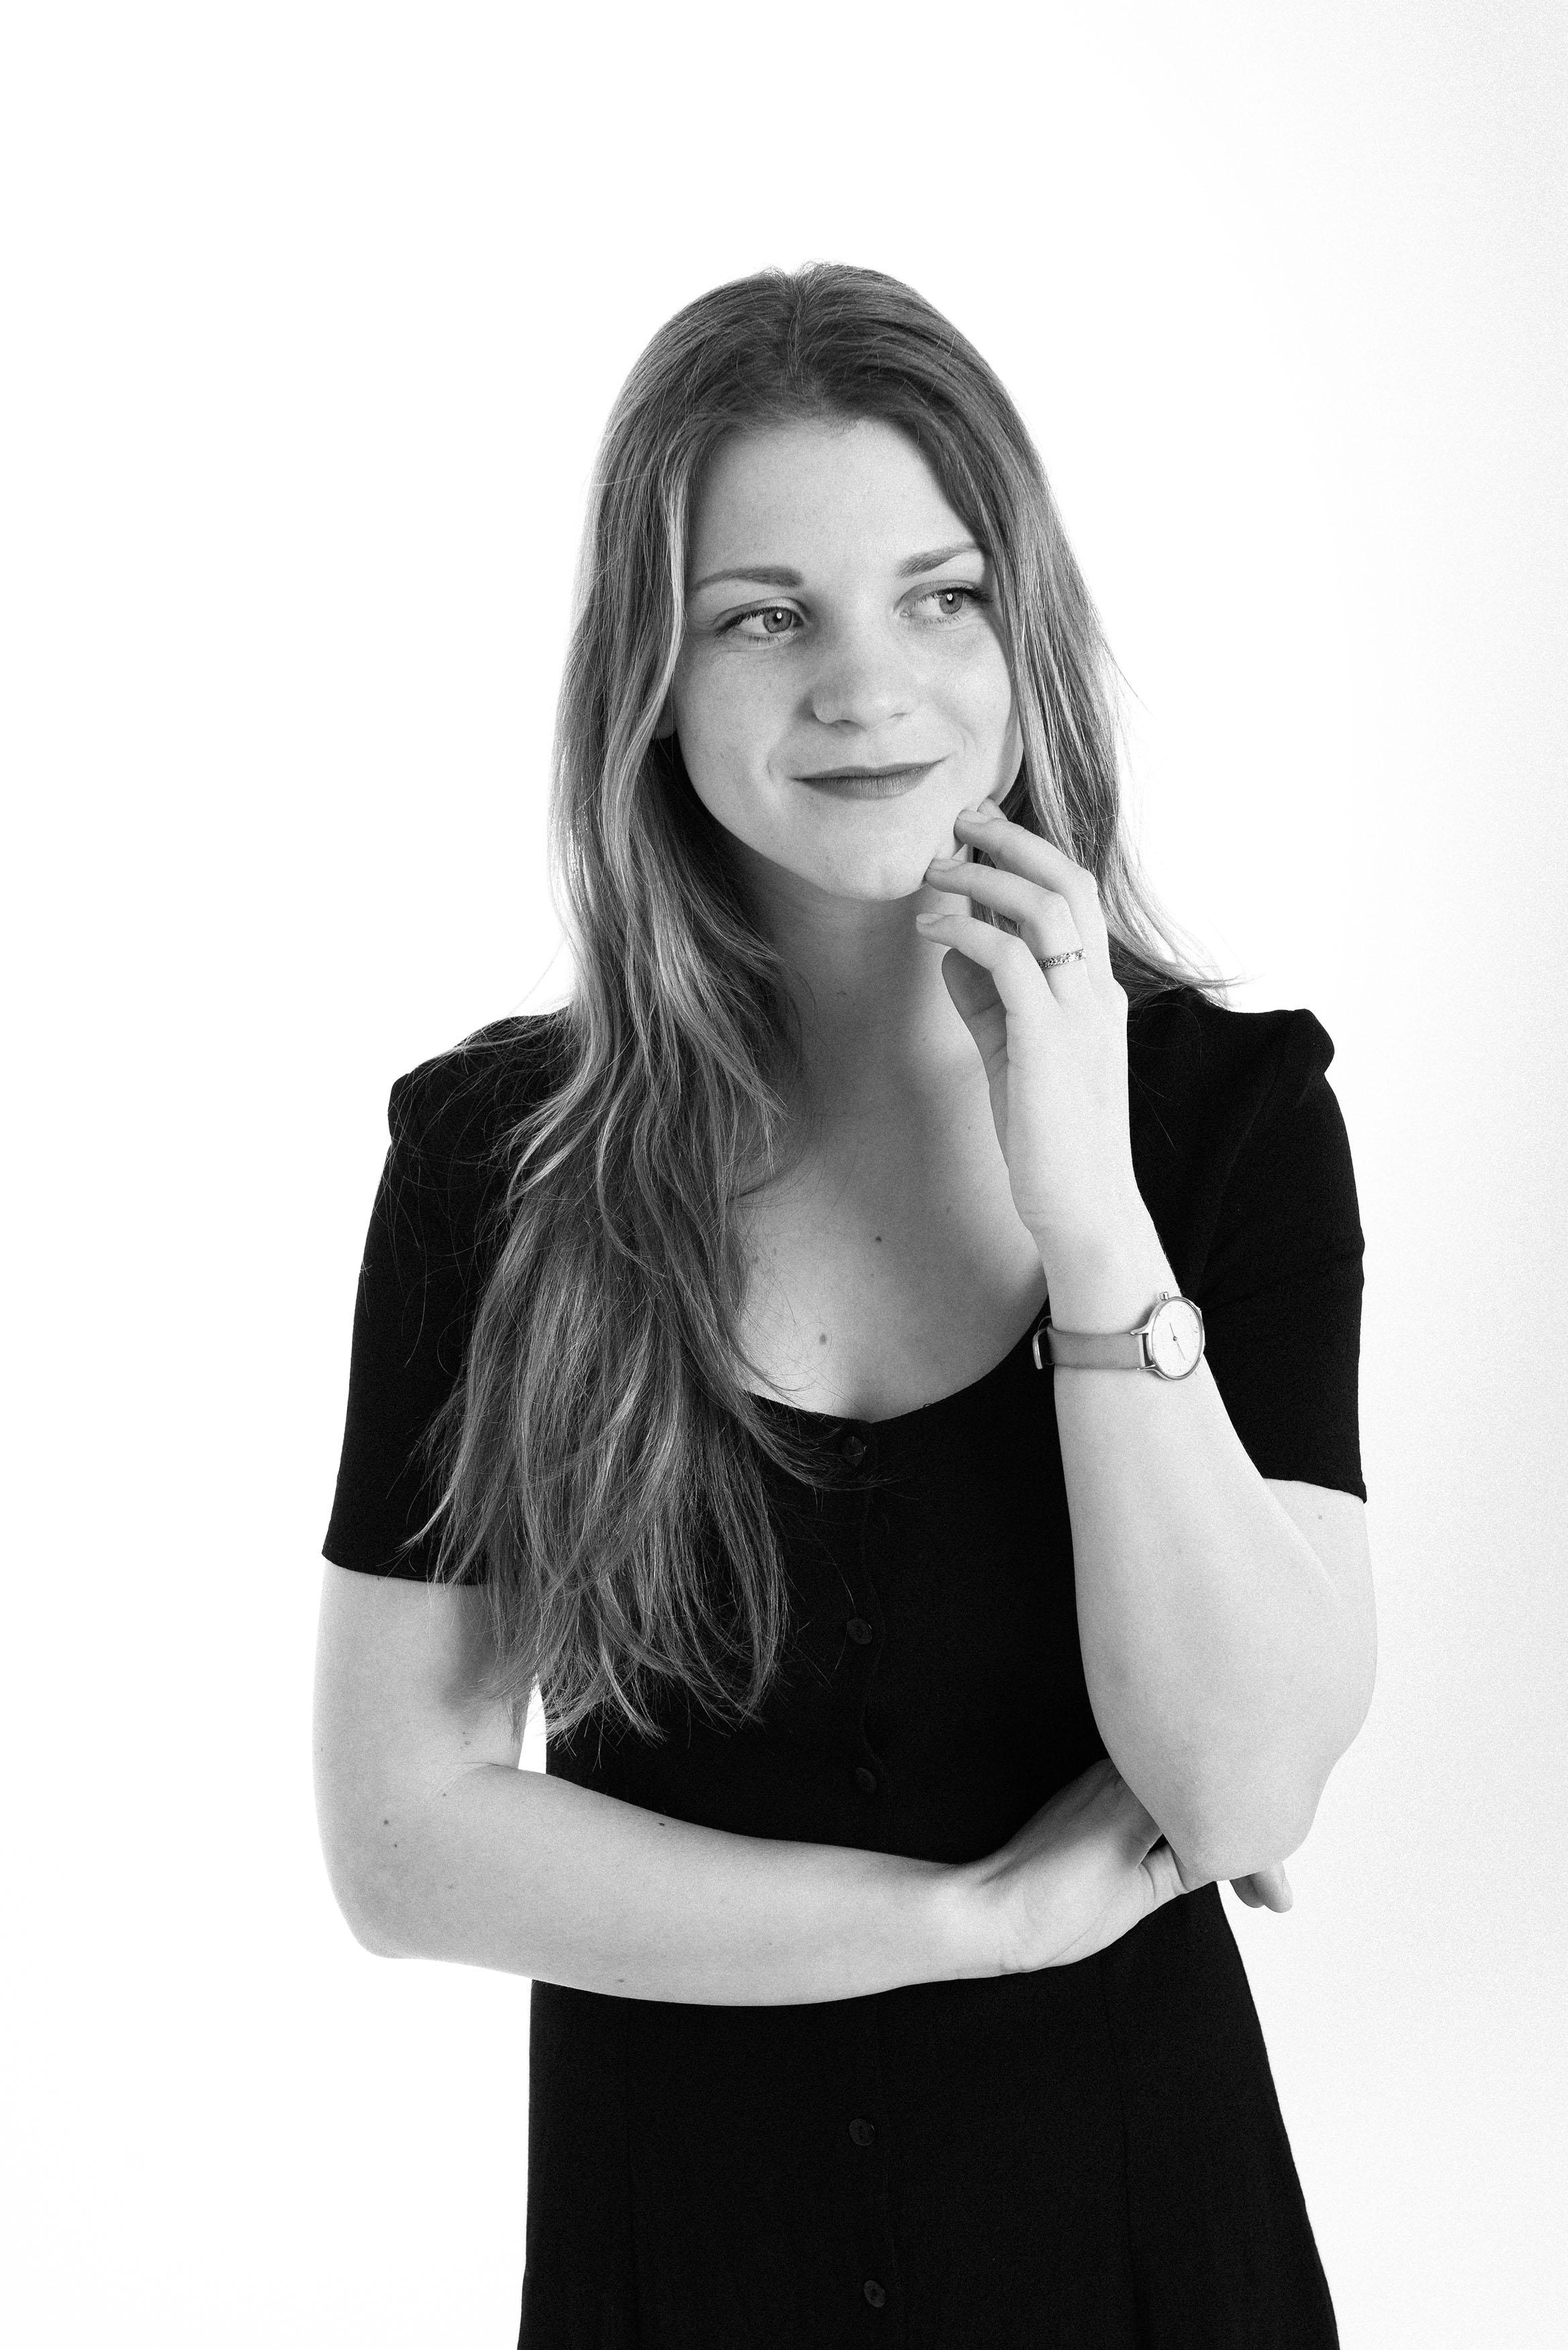 Lone Rasmussen Photography, www.lonerasmussenphotography.dk, portræt, portrætfotografi, kvinde, sort-hvid